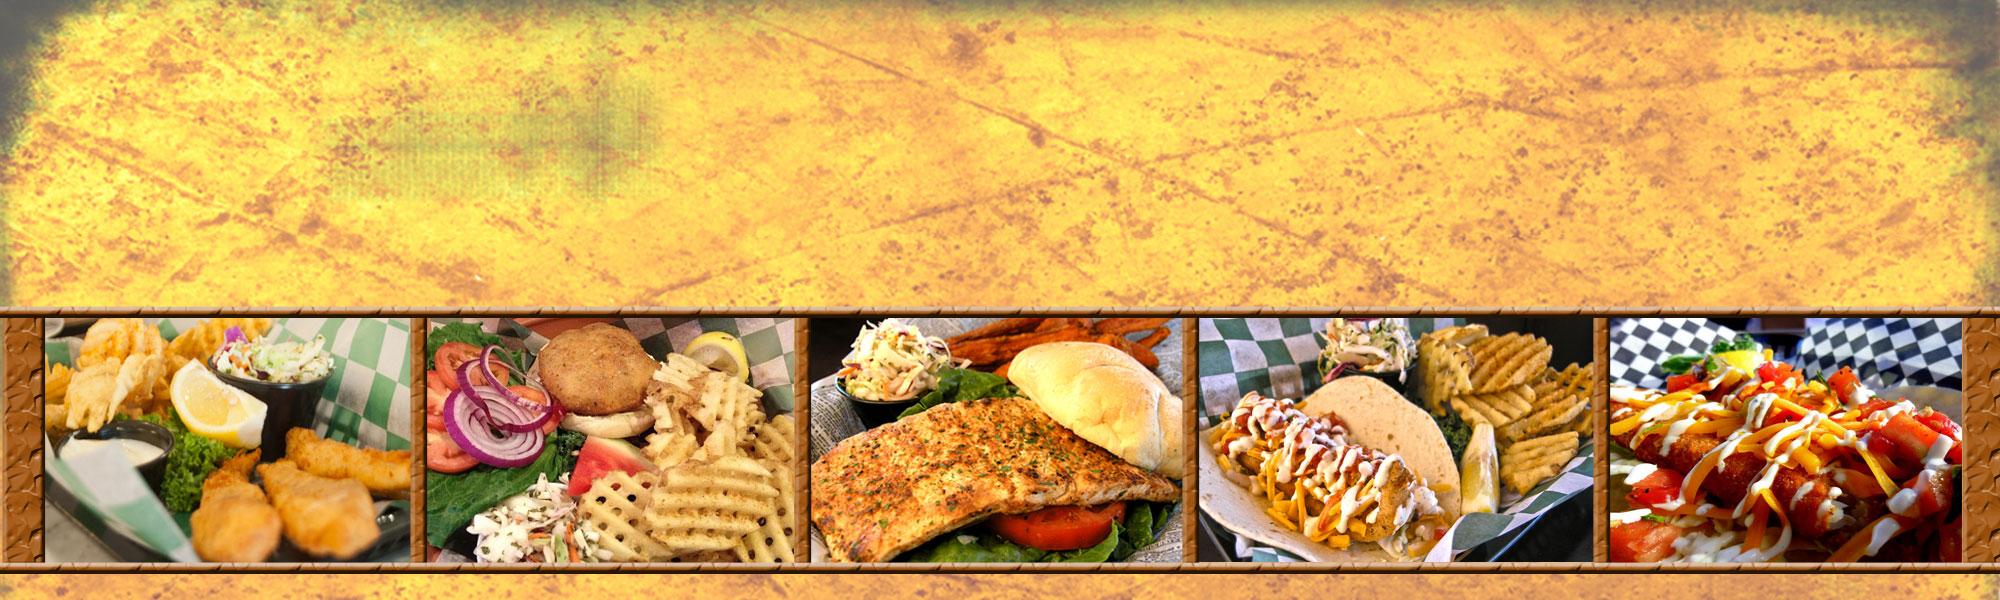 The tin fish restaurants fresh fish good food for Tin fish restaurant